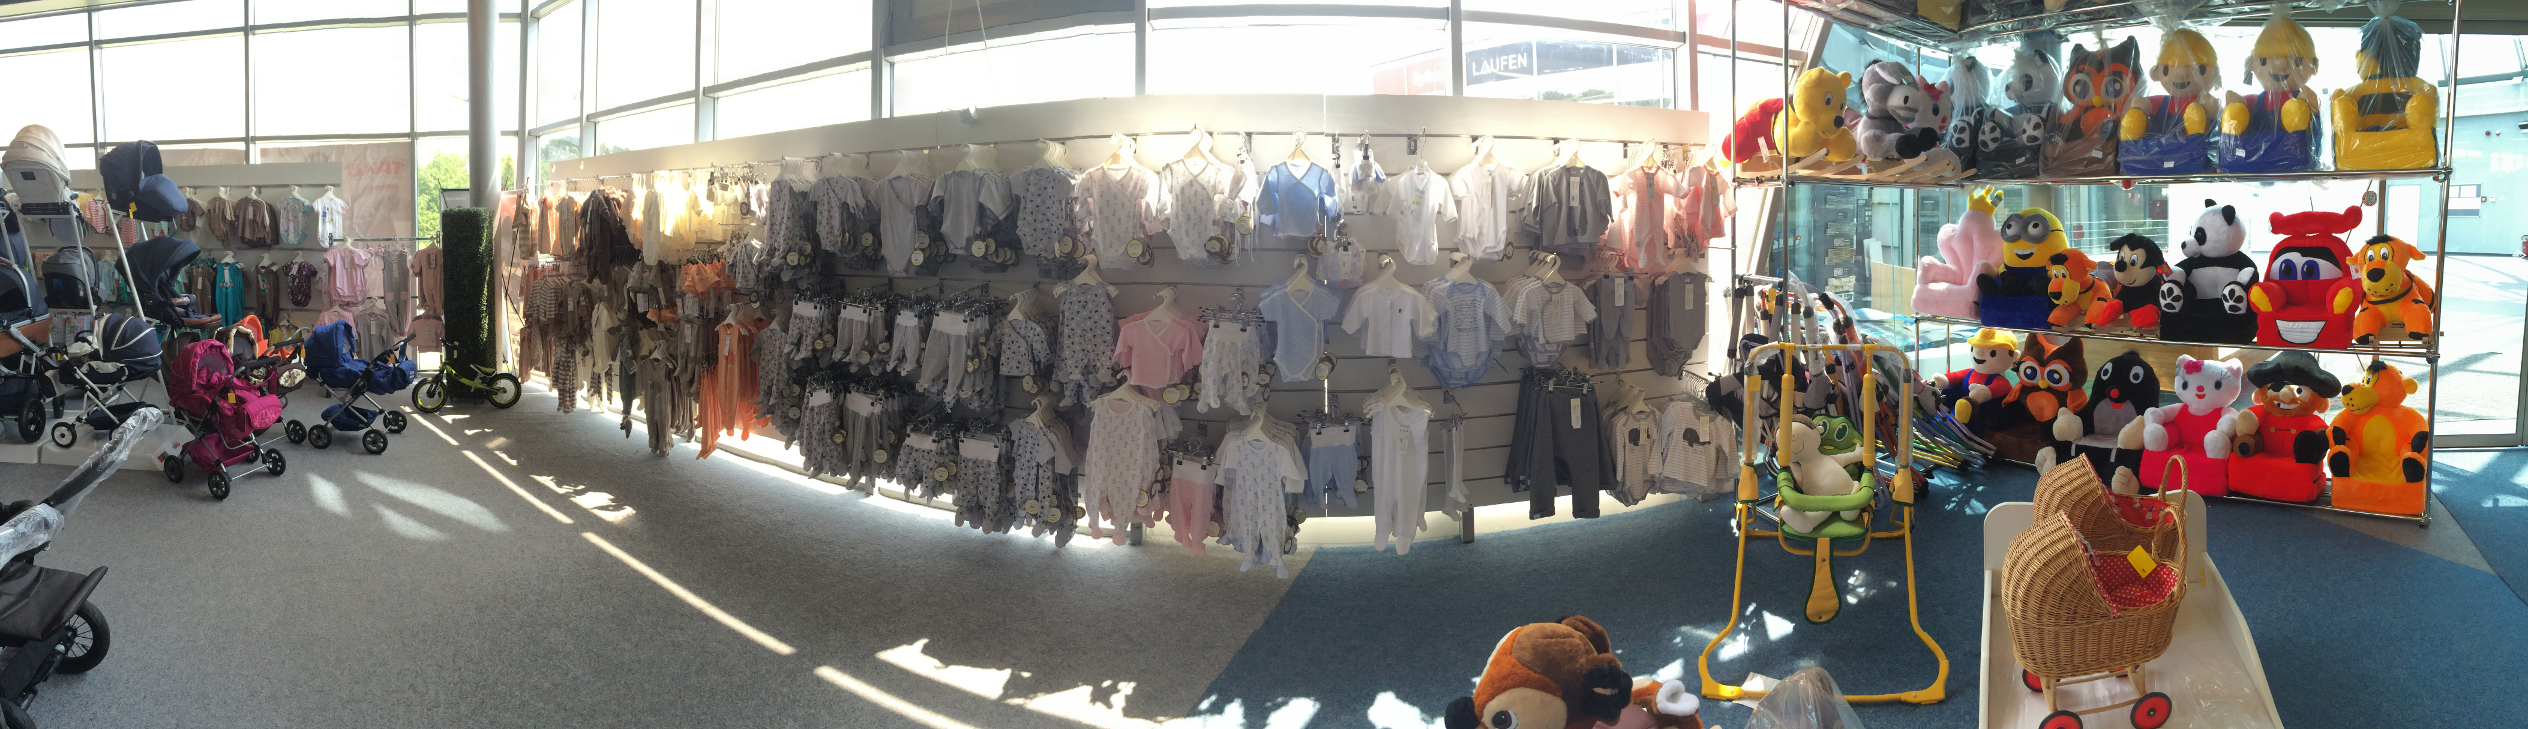 Babyplace - velký výběr textilu